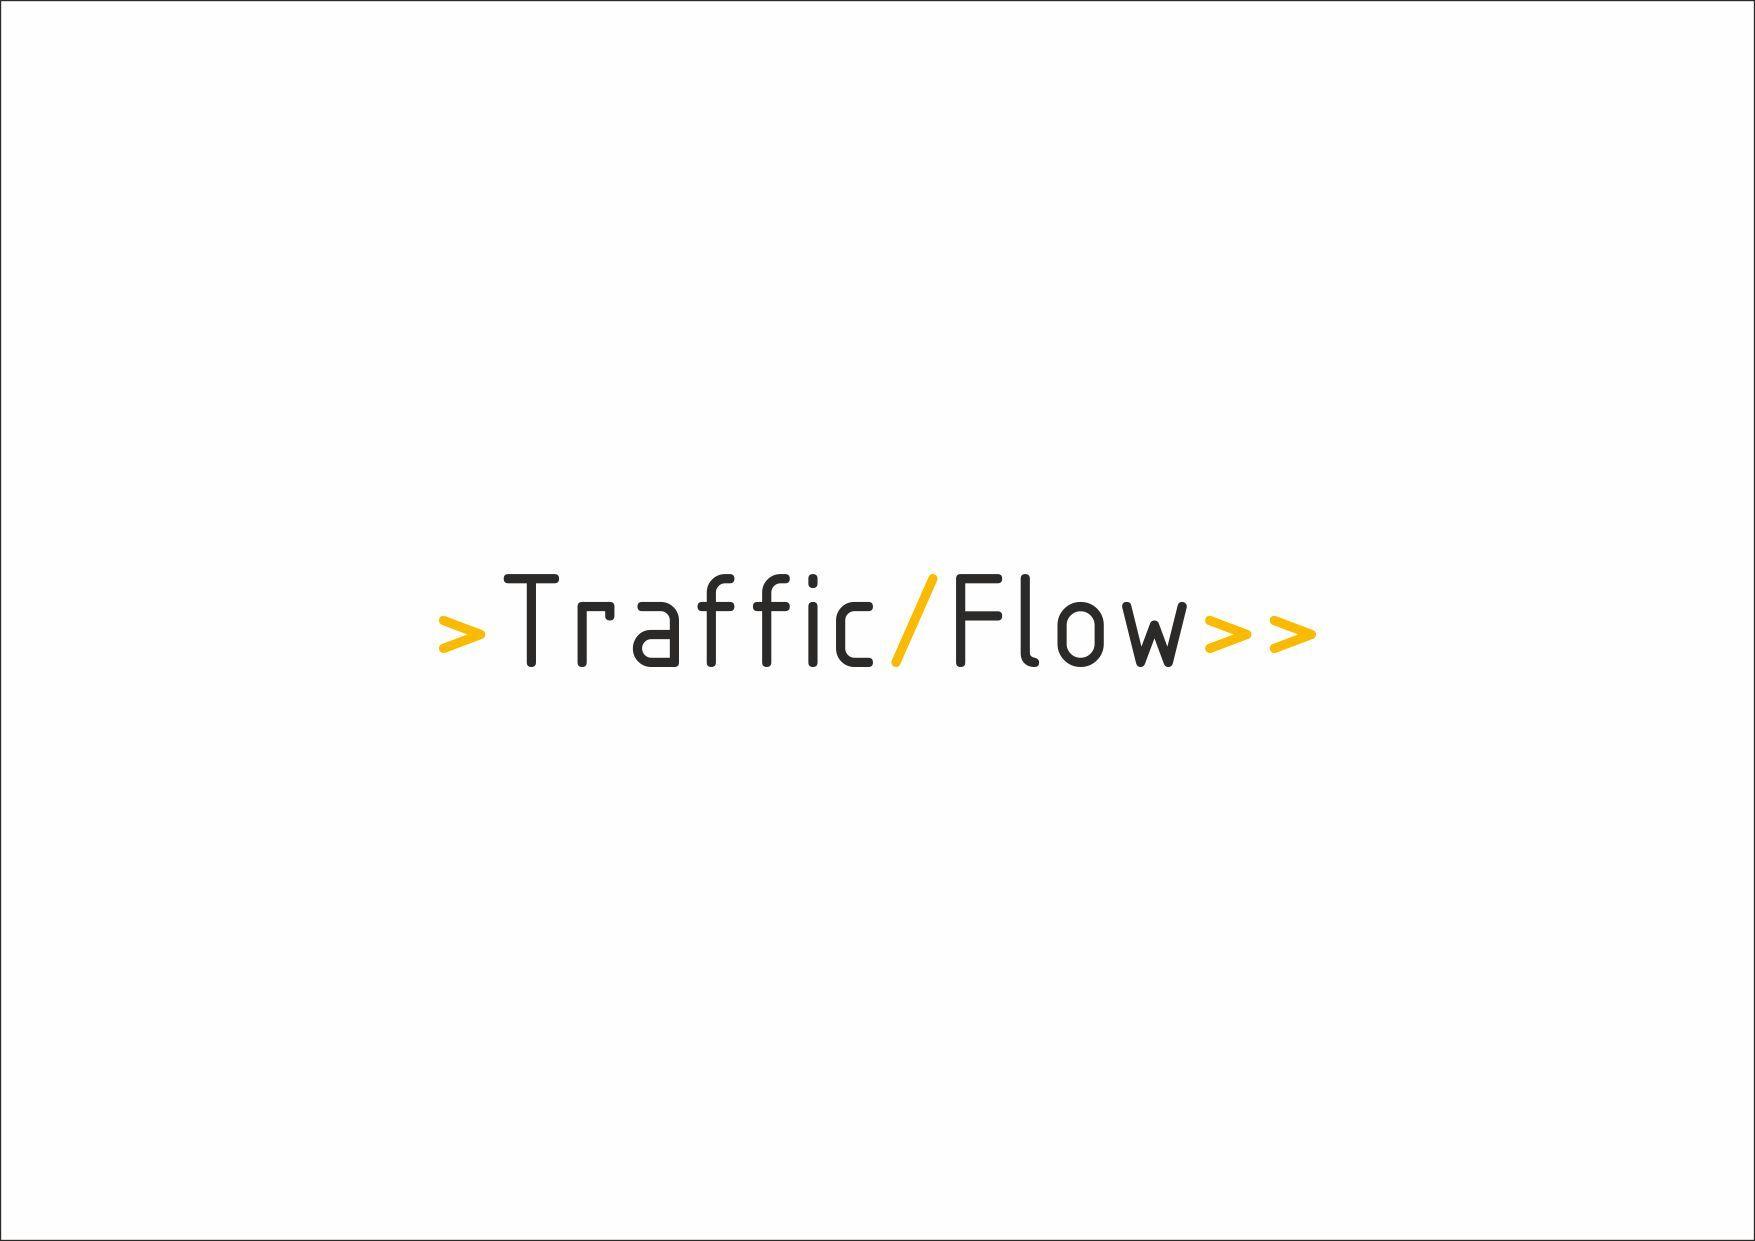 Лого и фирменный стиль для Traffic Flow - дизайнер mar